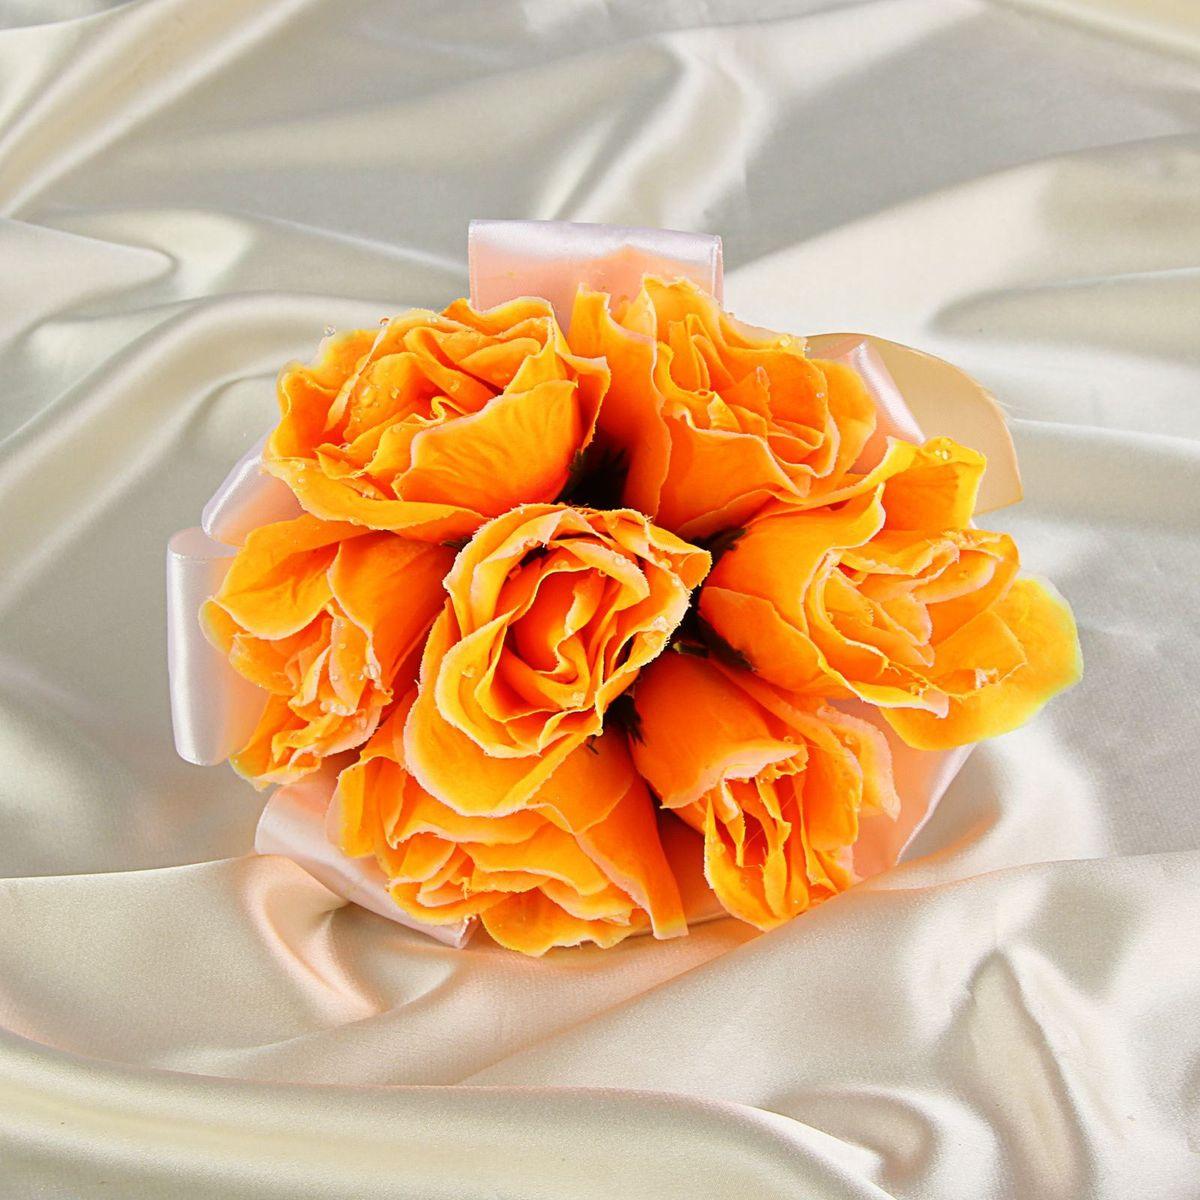 Букет-дублер невесты Sima-land, цвет: оранжевый1251174Современные невесты используют букеты из искусственных материалов, потому что они легче, дешевле и не рассыпаются в полете. Ведь для многих незамужних подружек поймать букет на свадьбе - шанс осуществления заветной мечты.Кроме свадебной тематики изделие используют для фотосессий, так как оно не утрачивает праздничный вид даже в непогоду, и как элемент украшения интерьера. Многие рестораны и отели на выставках и праздниках предпочитают использовать украшения из неувядающих цветов. Оригинальный букет будет в центре внимания на торжественном событии и оставит самые яркие впечатления.